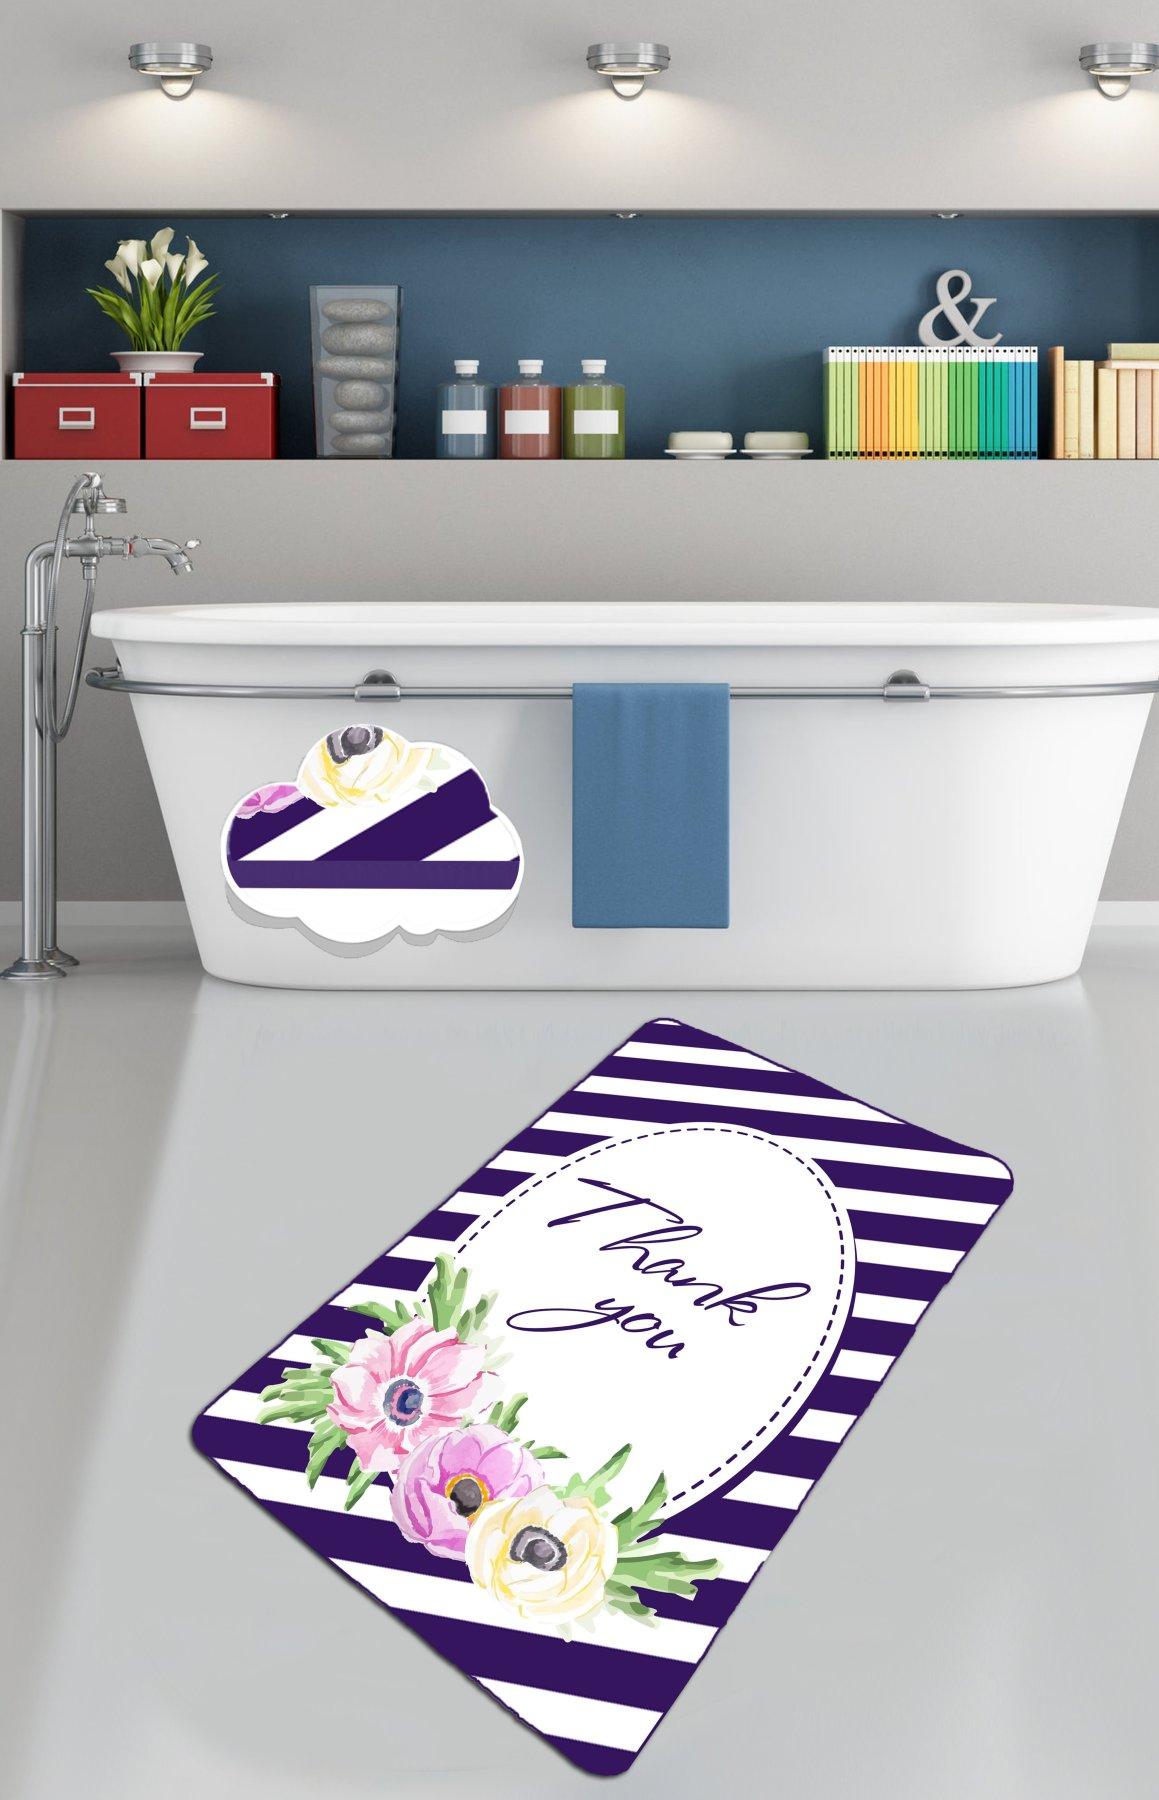 سجادة حمام غير قابلة للانزلاق مقاس 80 × 100 سم 32 بوصة × 40 بوصة etgديكور شكرا لك